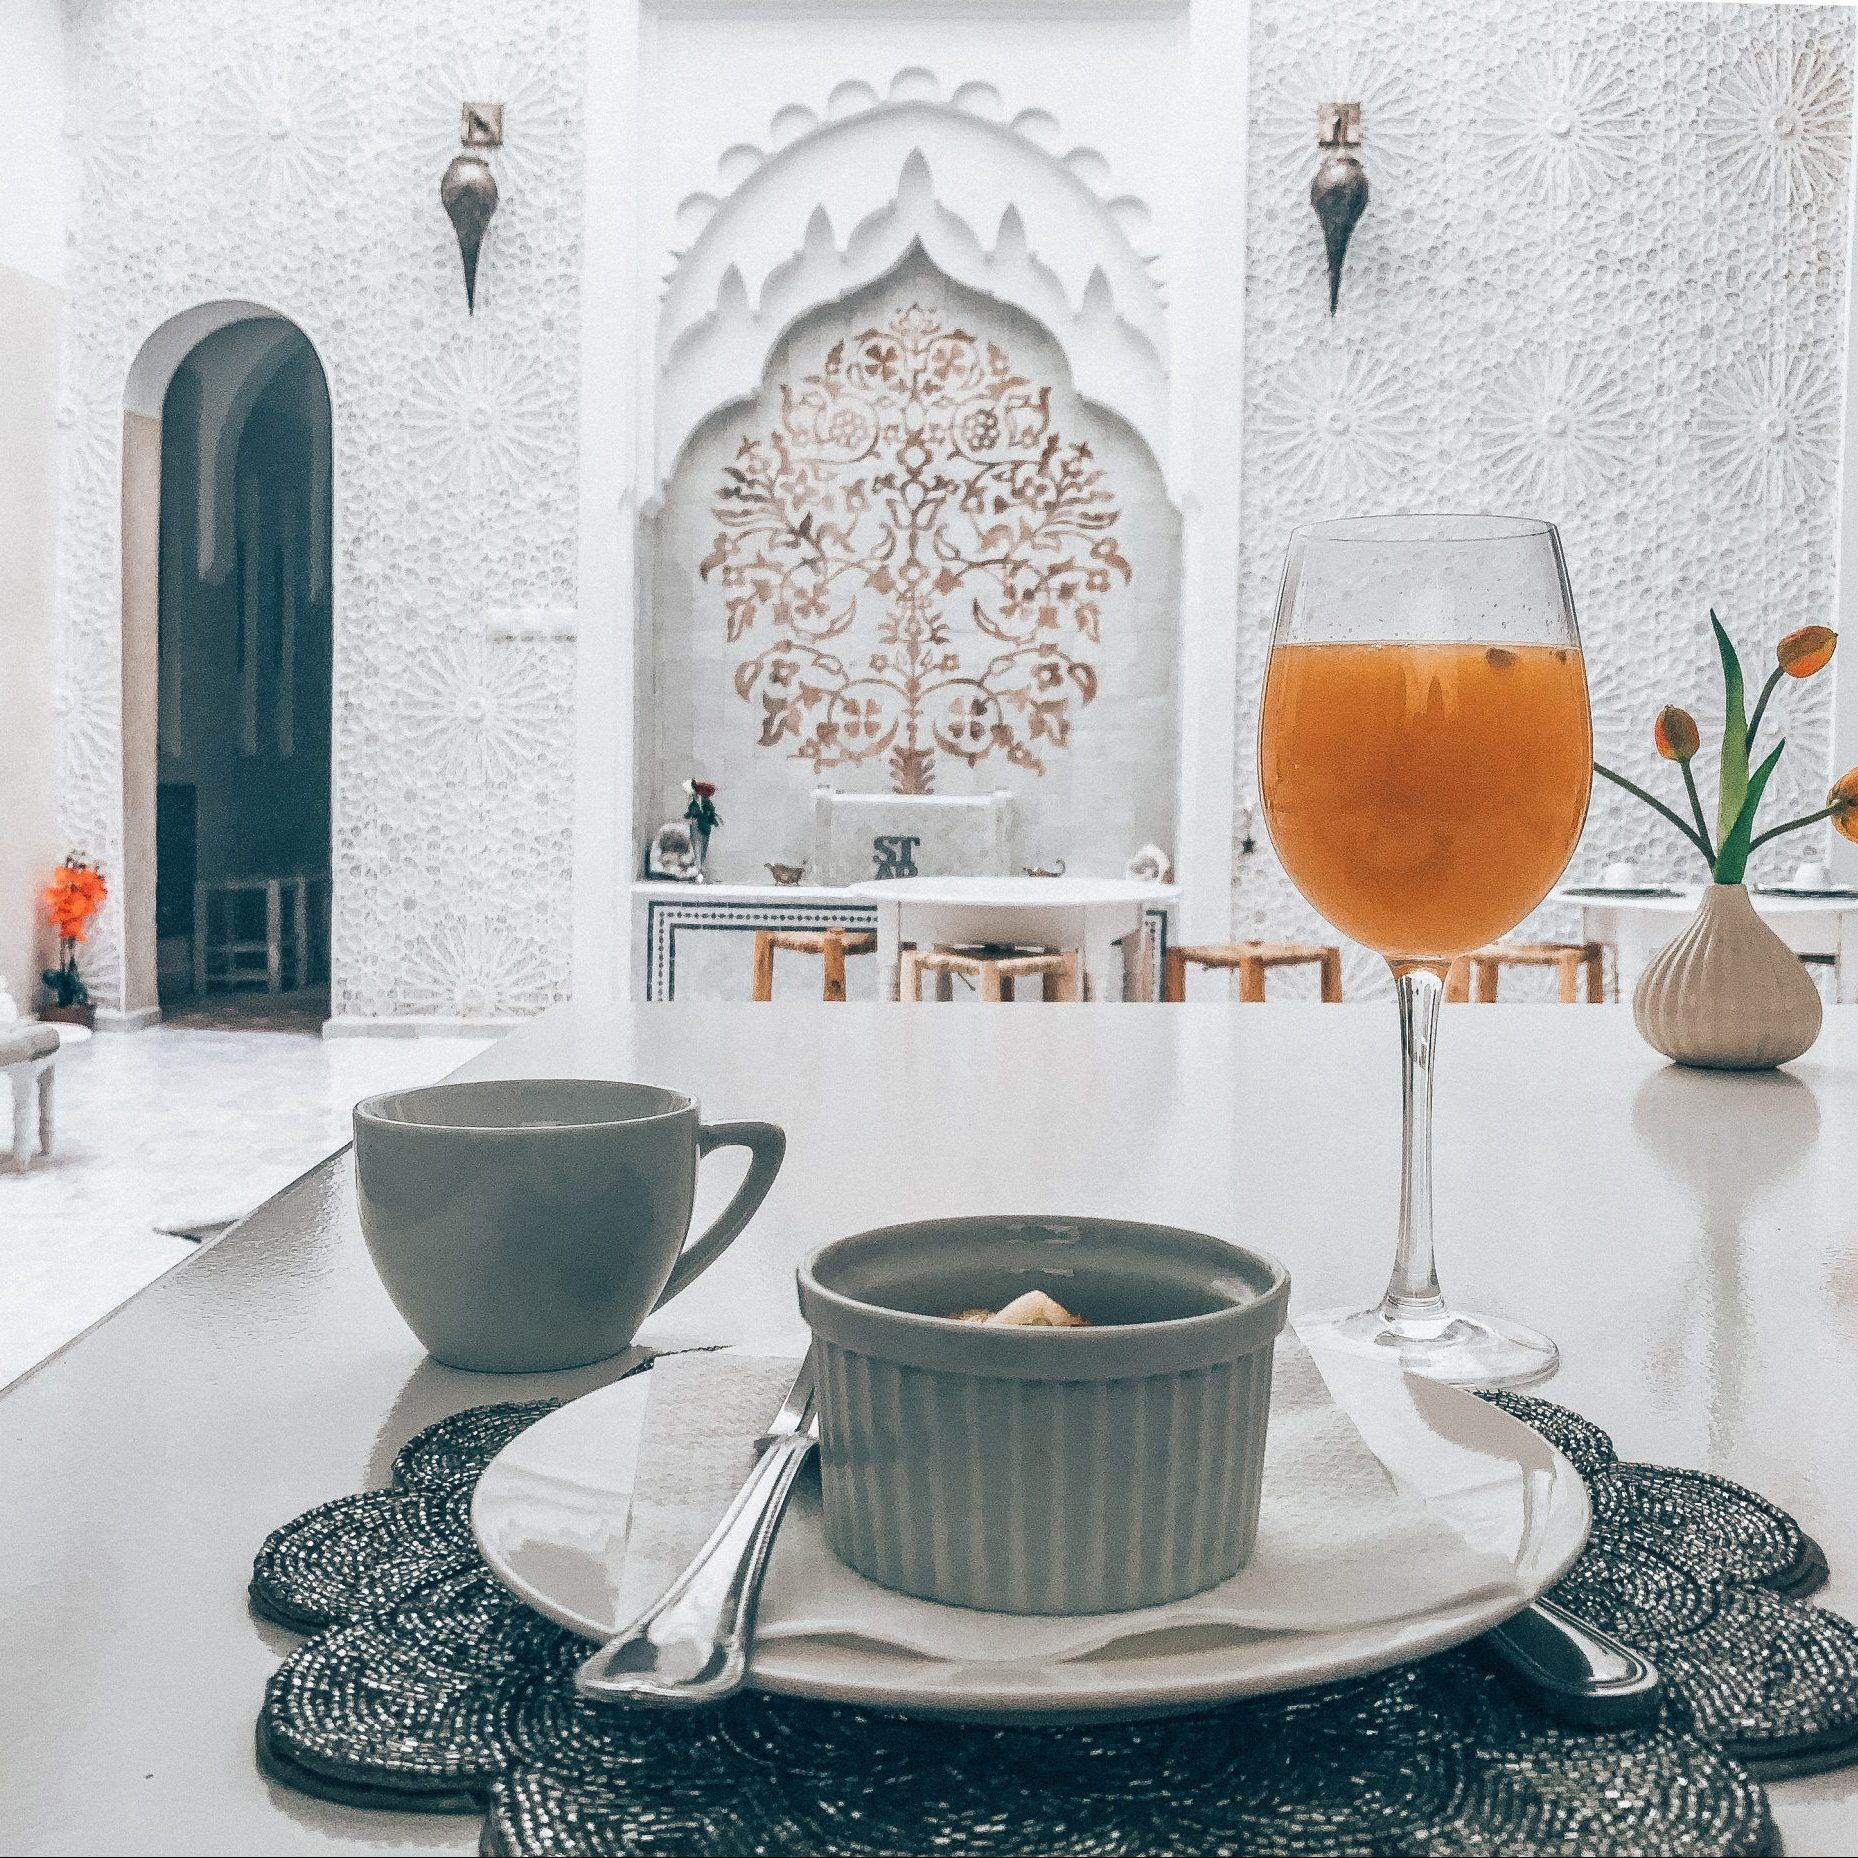 Marrakech Travel Guide